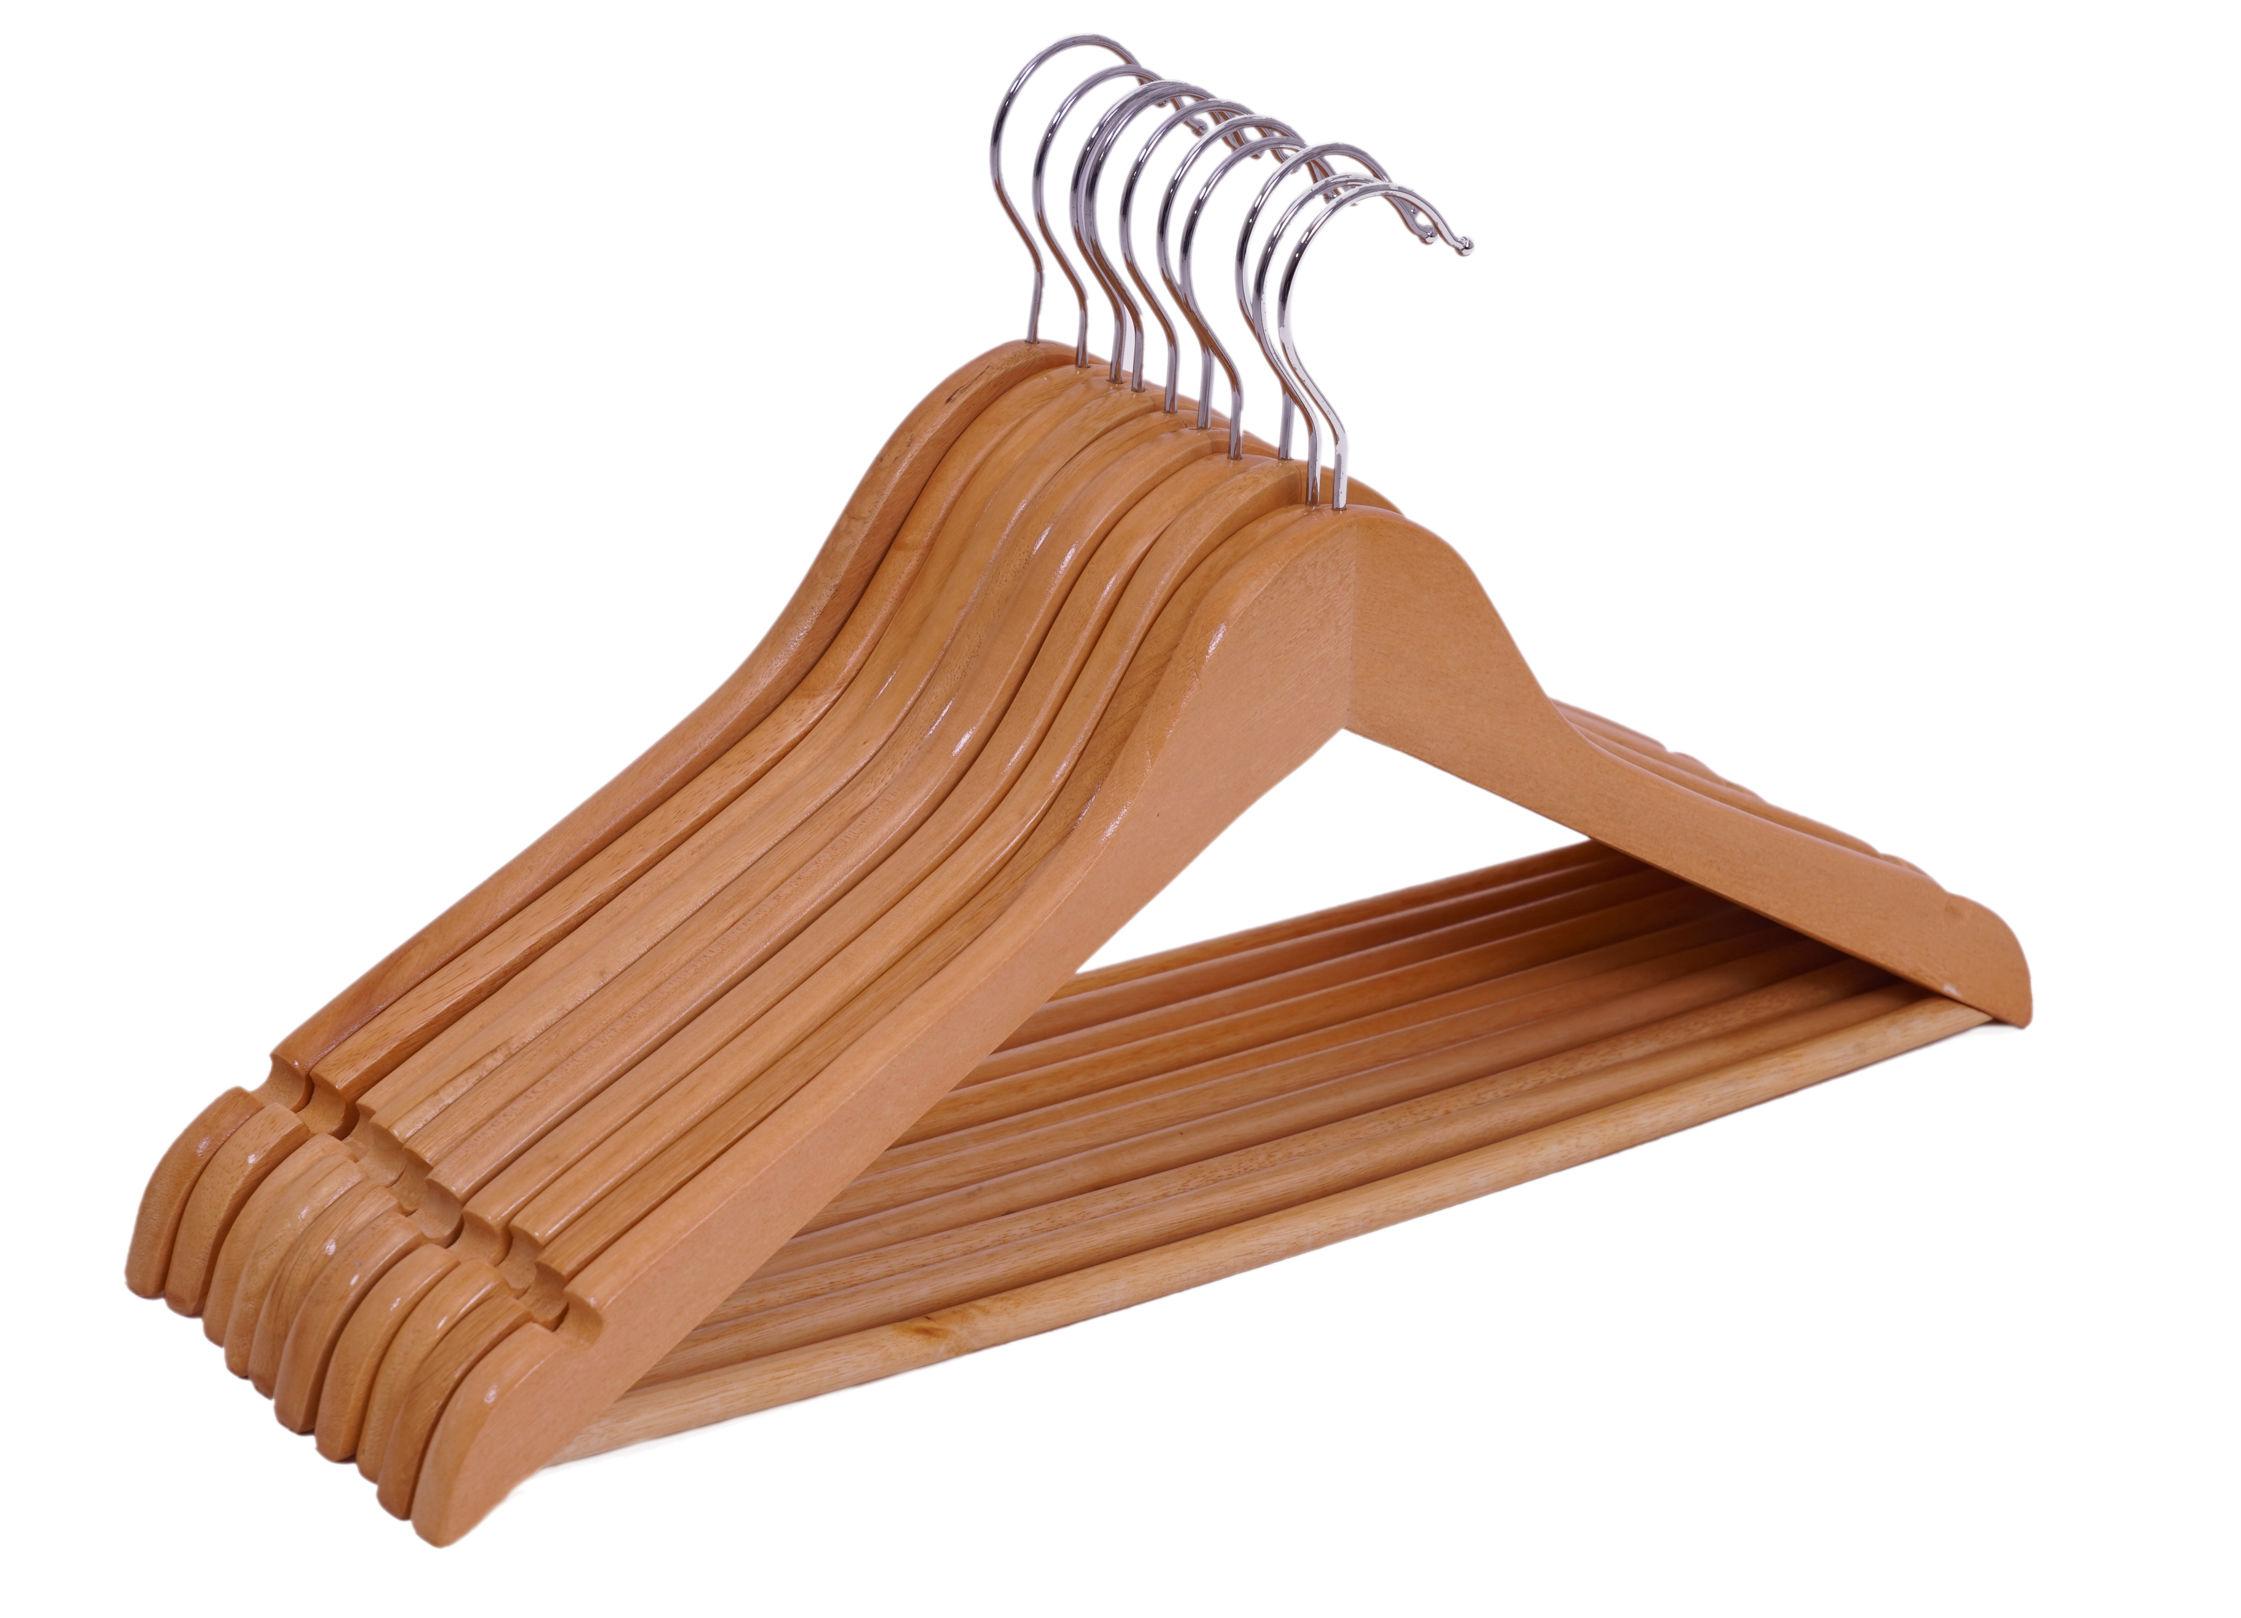 holz kleiderb gel mit hosenstange 10 20 50 st ck holzb gel garderobenb gel ebay. Black Bedroom Furniture Sets. Home Design Ideas